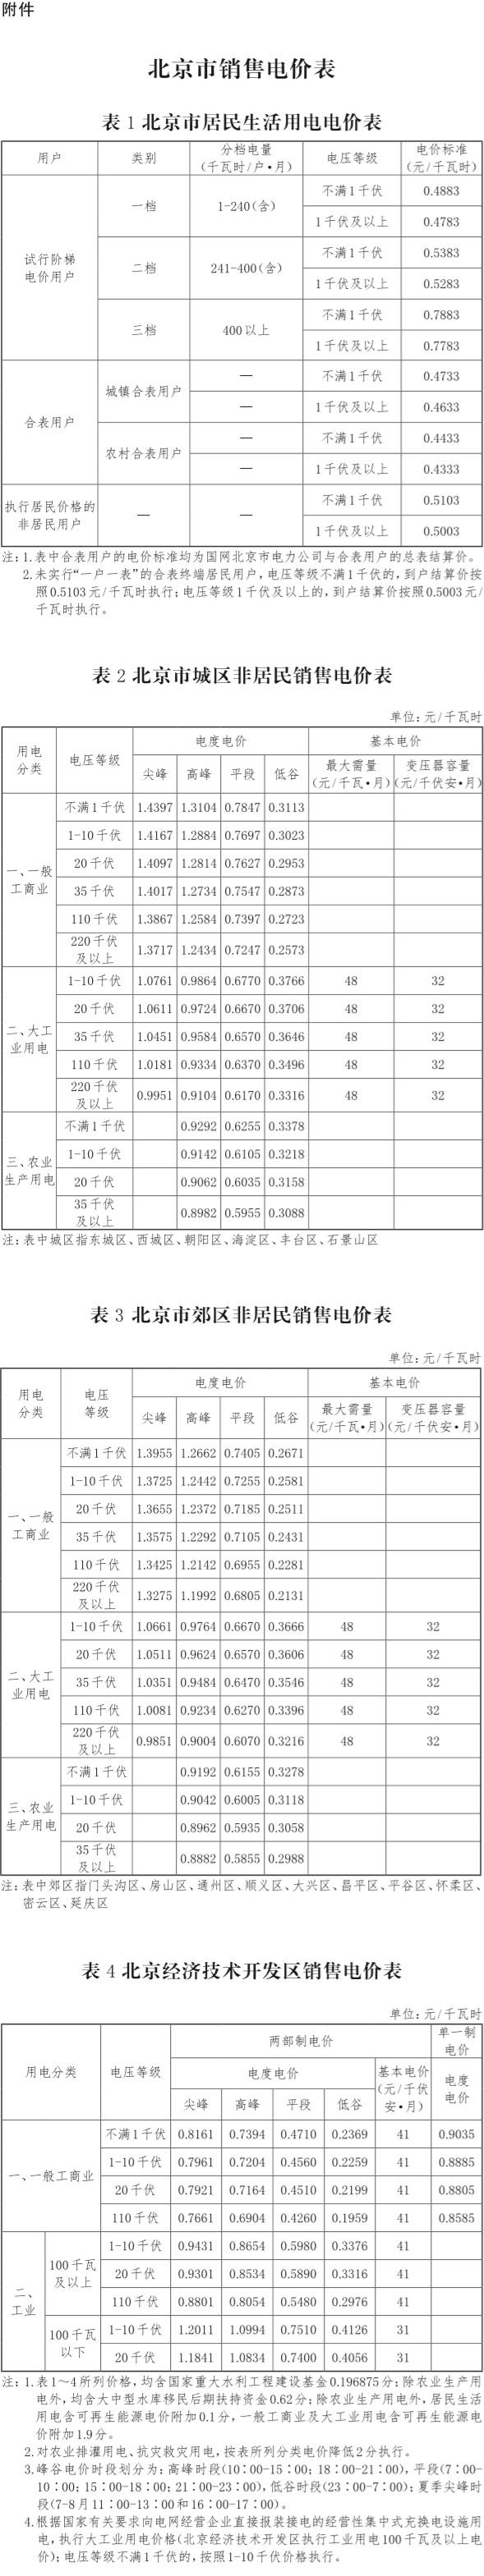 25-附件:北京市销售电价表.jpg